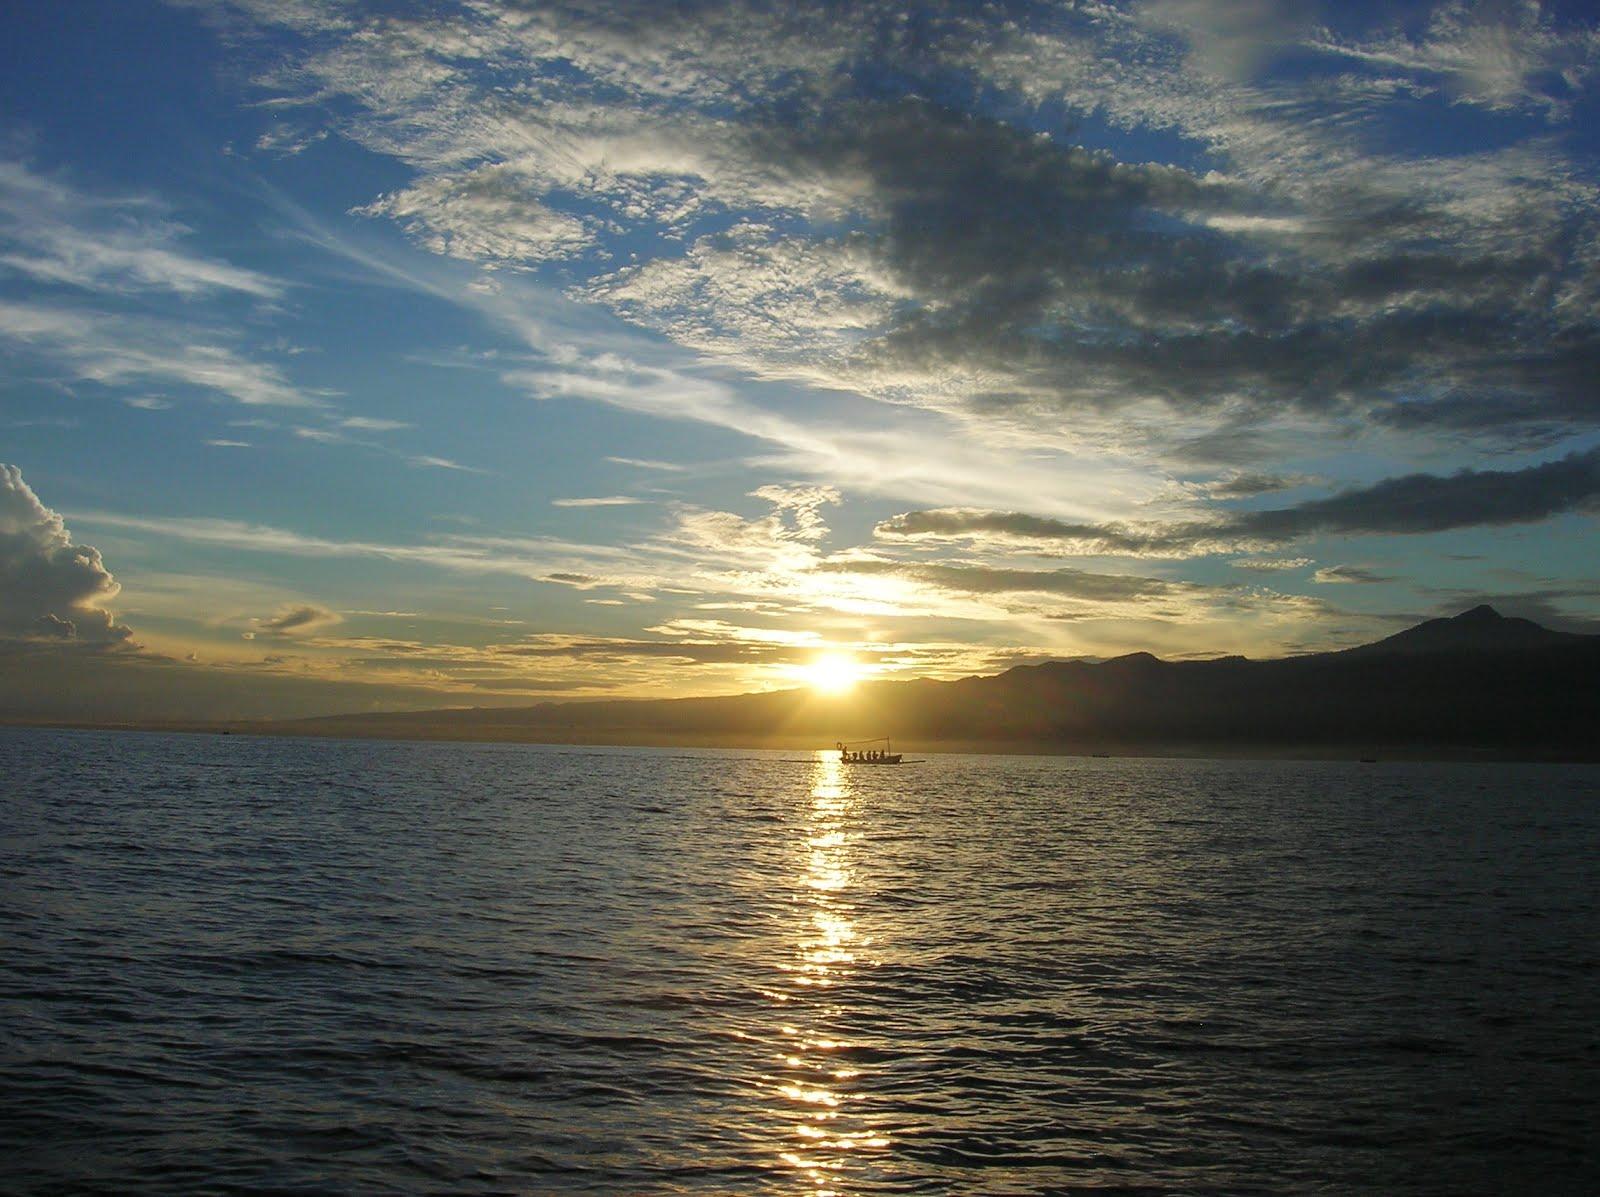 Amanecer en Lovina, Isla de Bali,Indonesia, vuelta al mundo, round the world, La vuelta al mundo de Asun y Ricardo